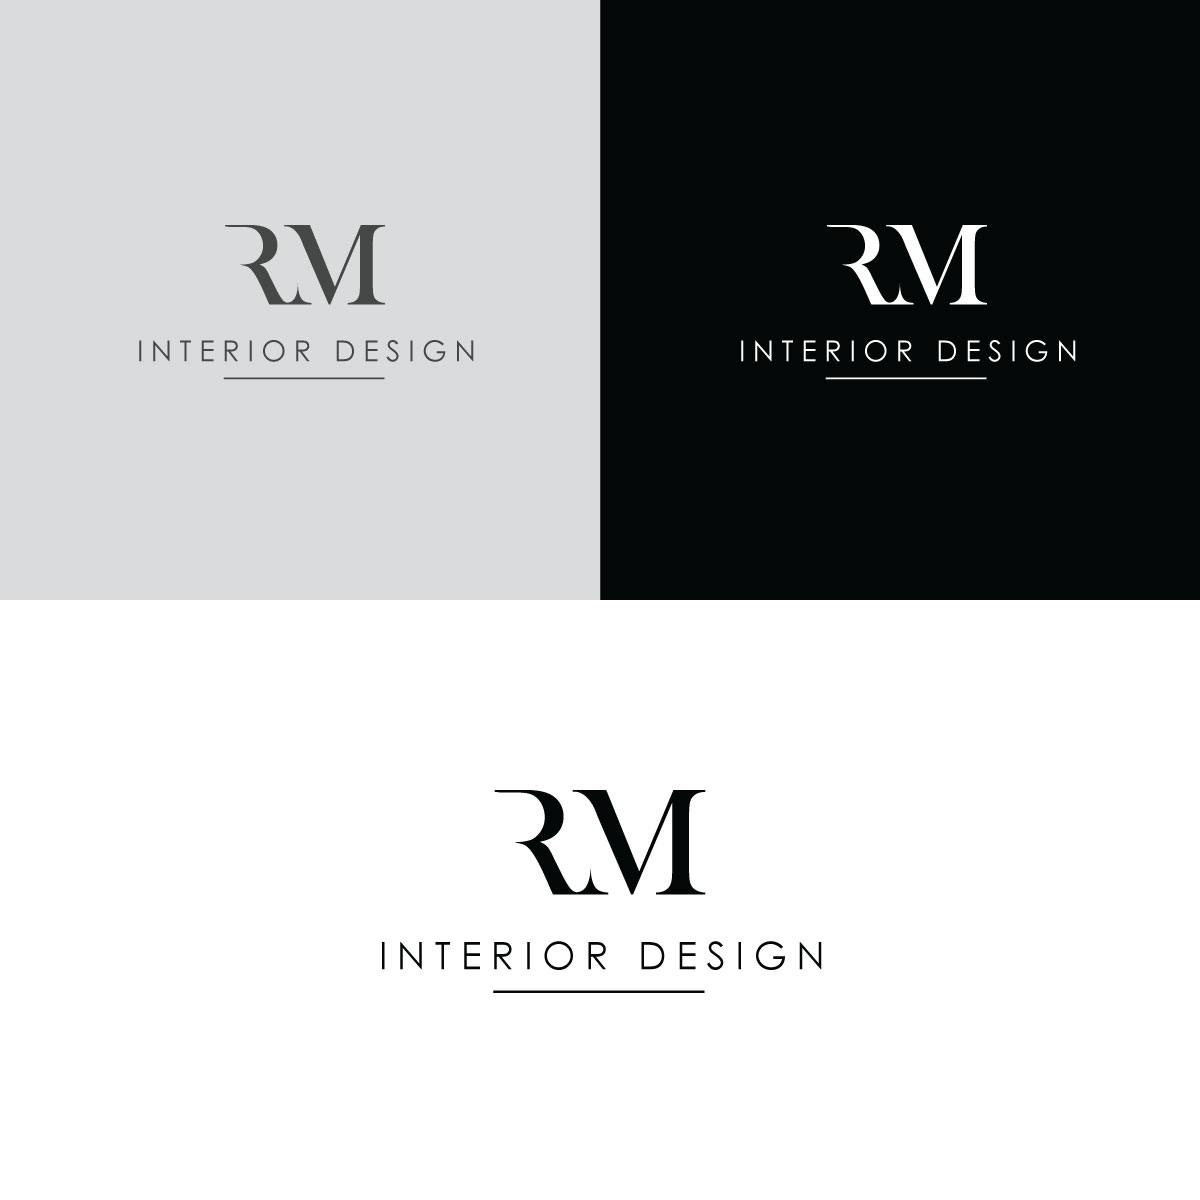 Serious Modern Interior Decoration Logo Design For Rm Interior Design By Rii Design 22439024